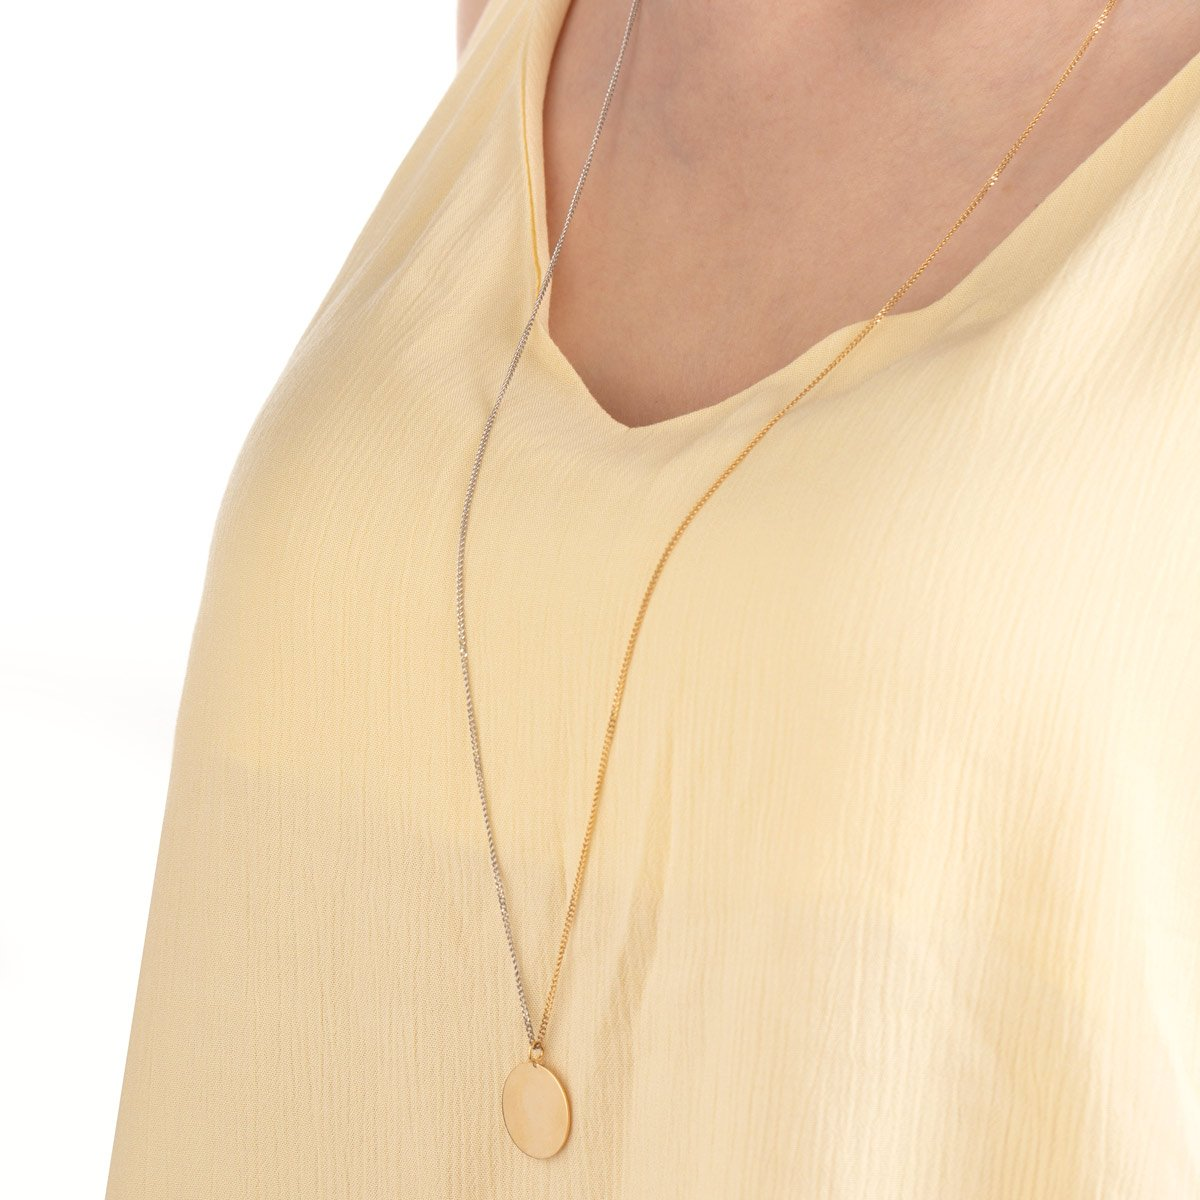 گردنبند طلا دایره حکاکی بزرگ و کارتیه